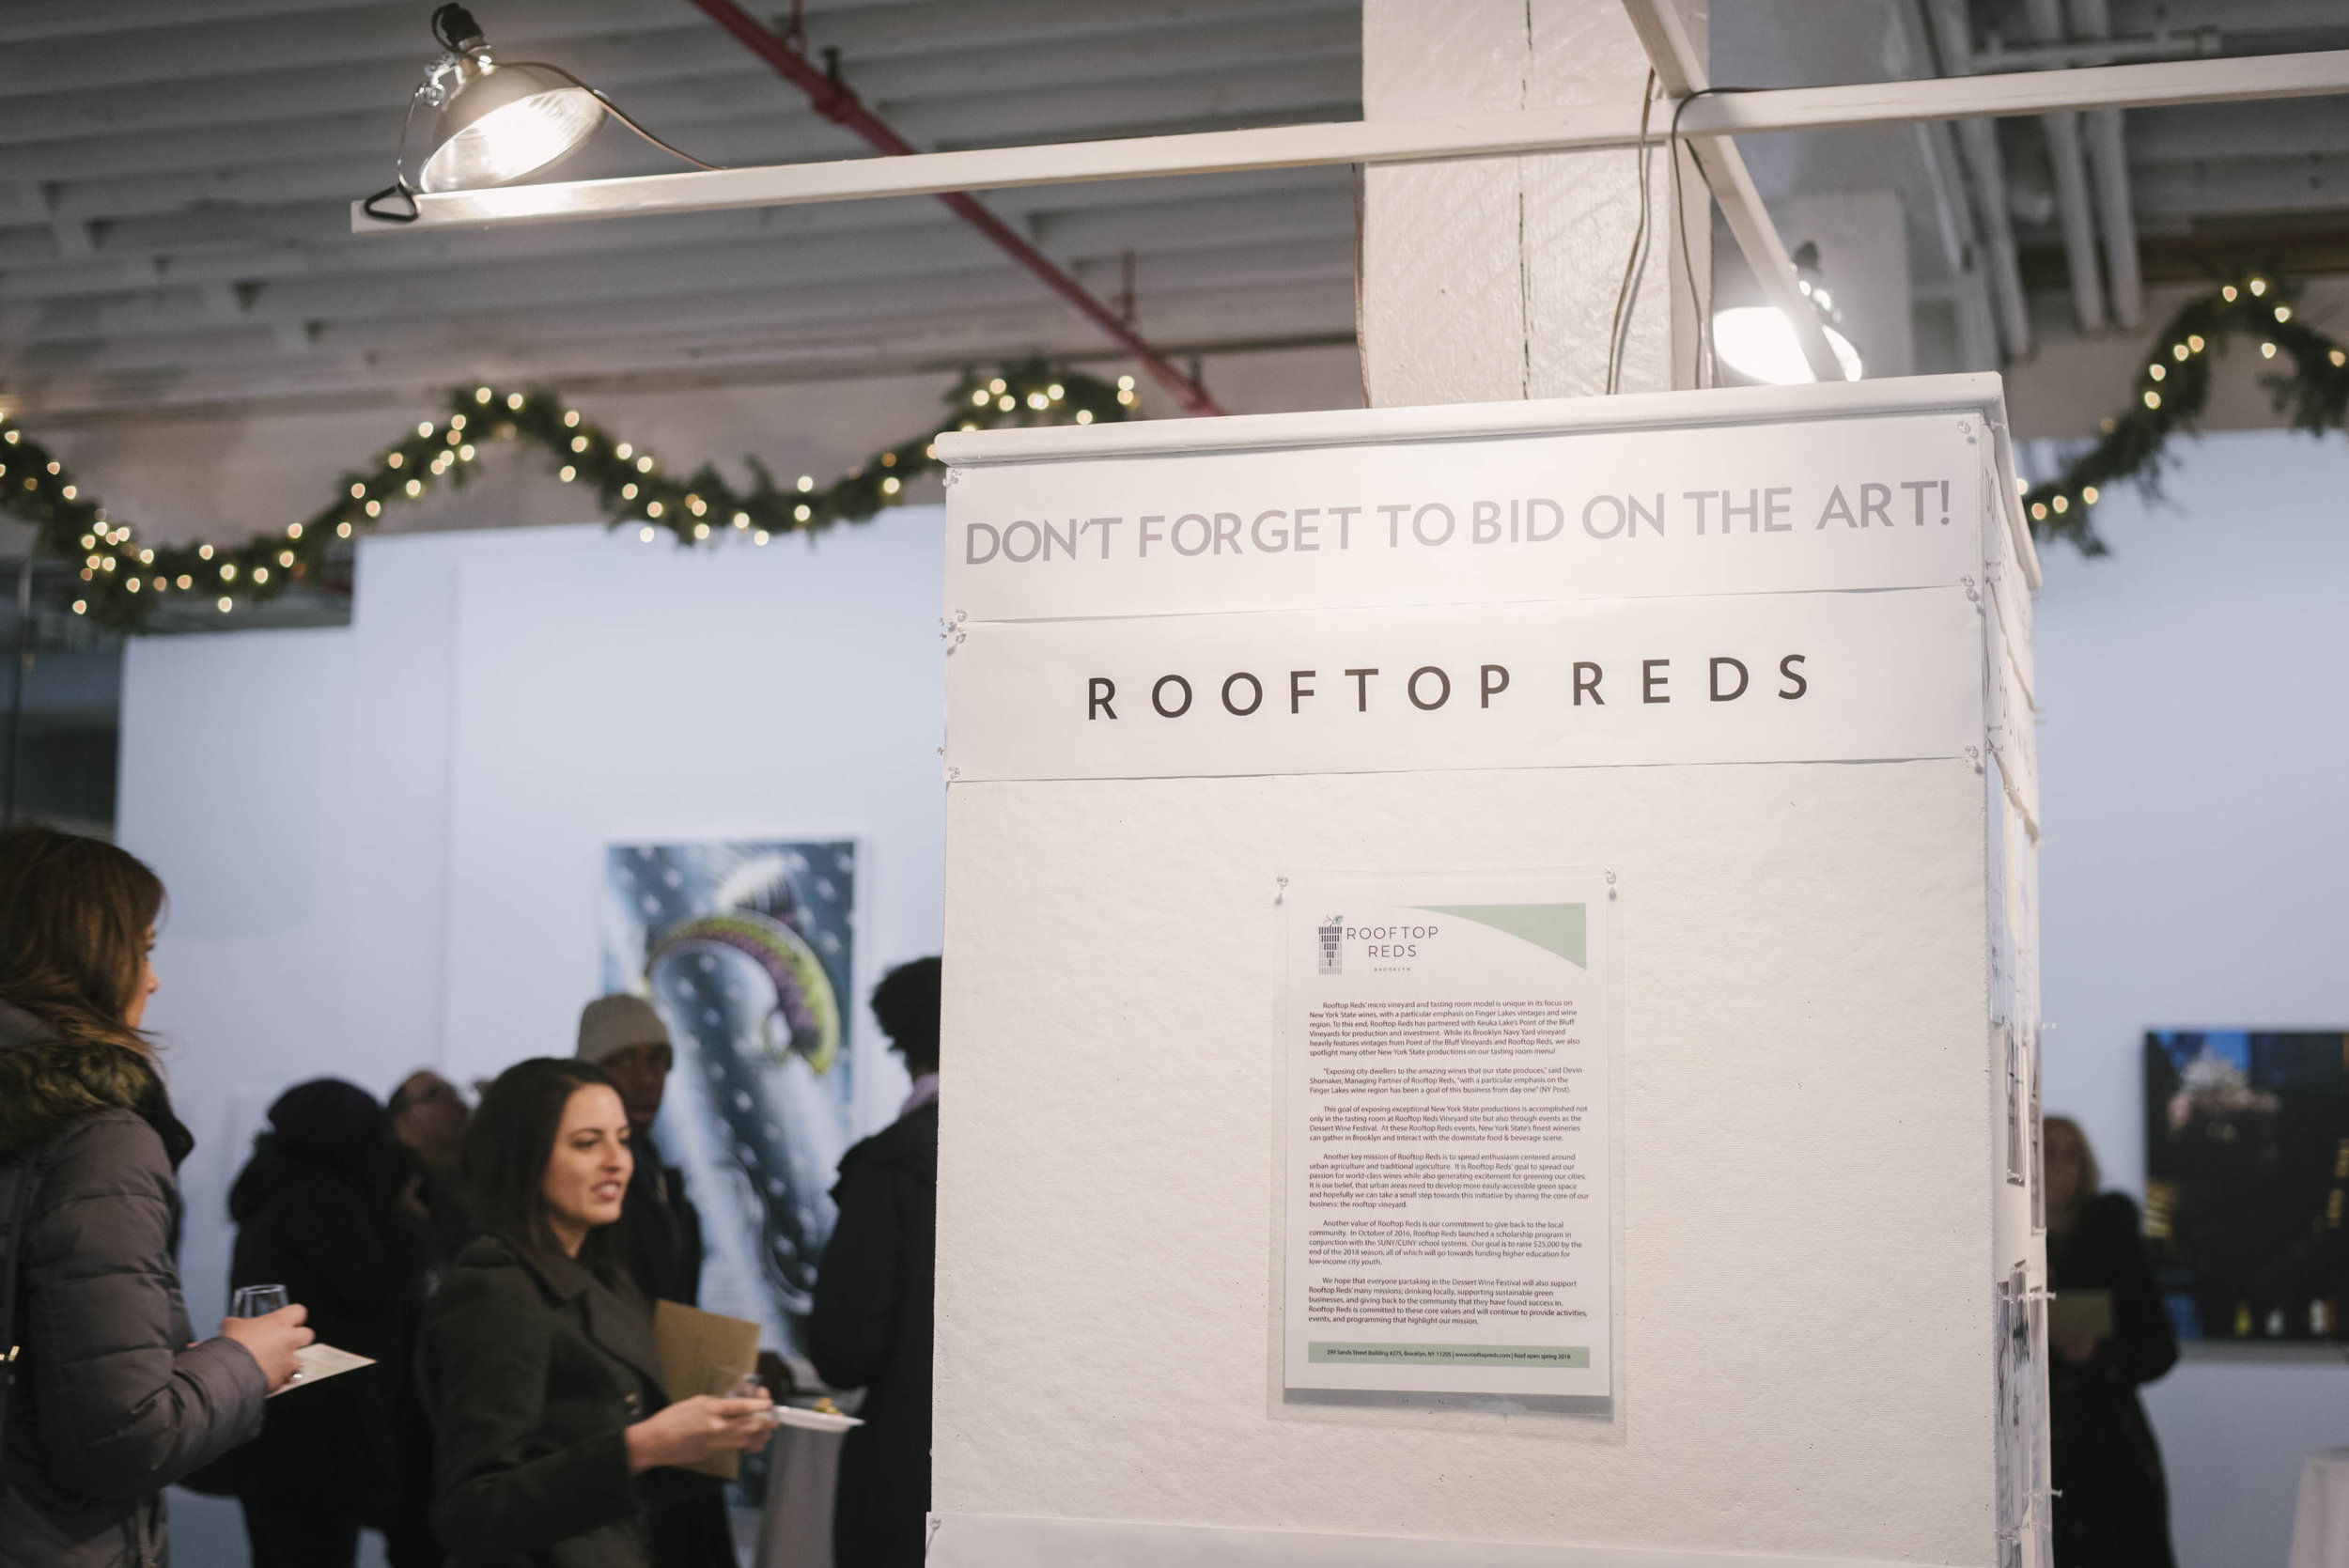 rooftop-reds-brooklyn29.jpg